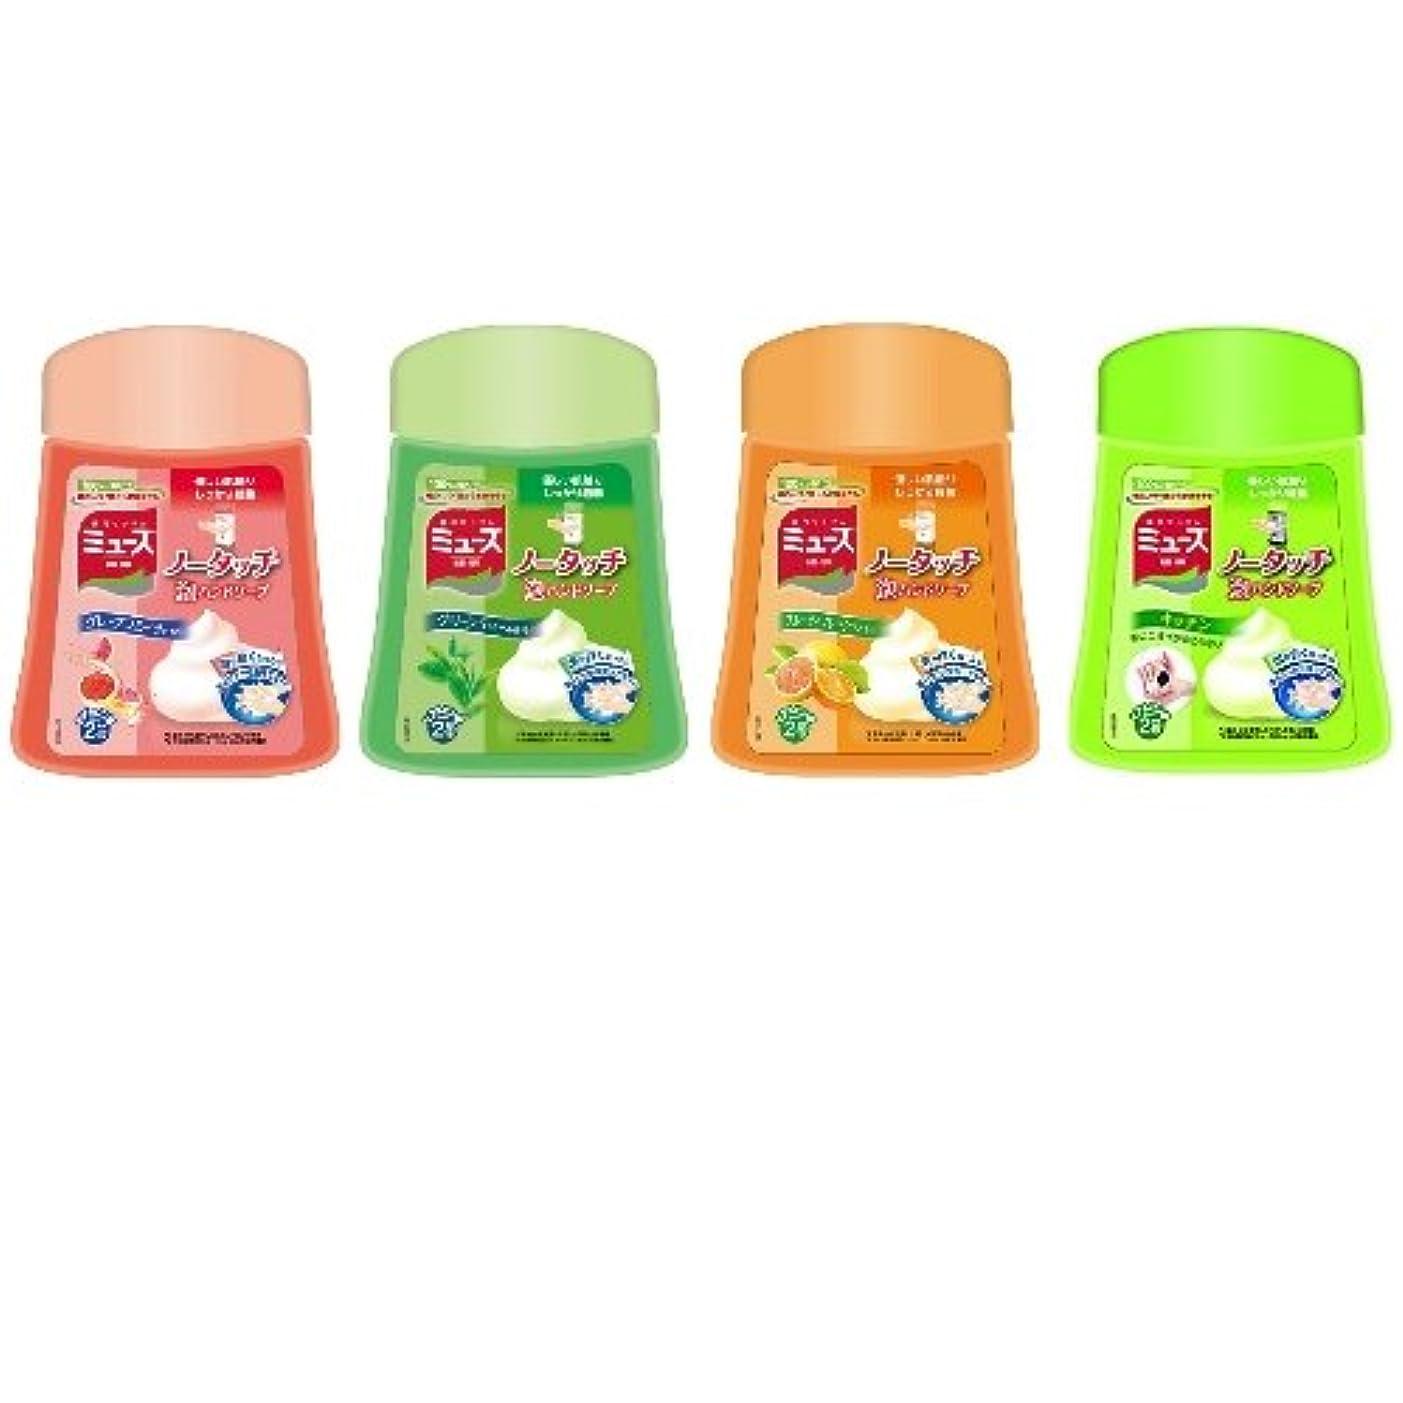 実業家全国ドックミューズ ノータッチ 泡ハンドソープ 詰替え 4種の色と香りボトル 250ml×4個 薬用ハンドソープ 手洗い 殺菌 消毒